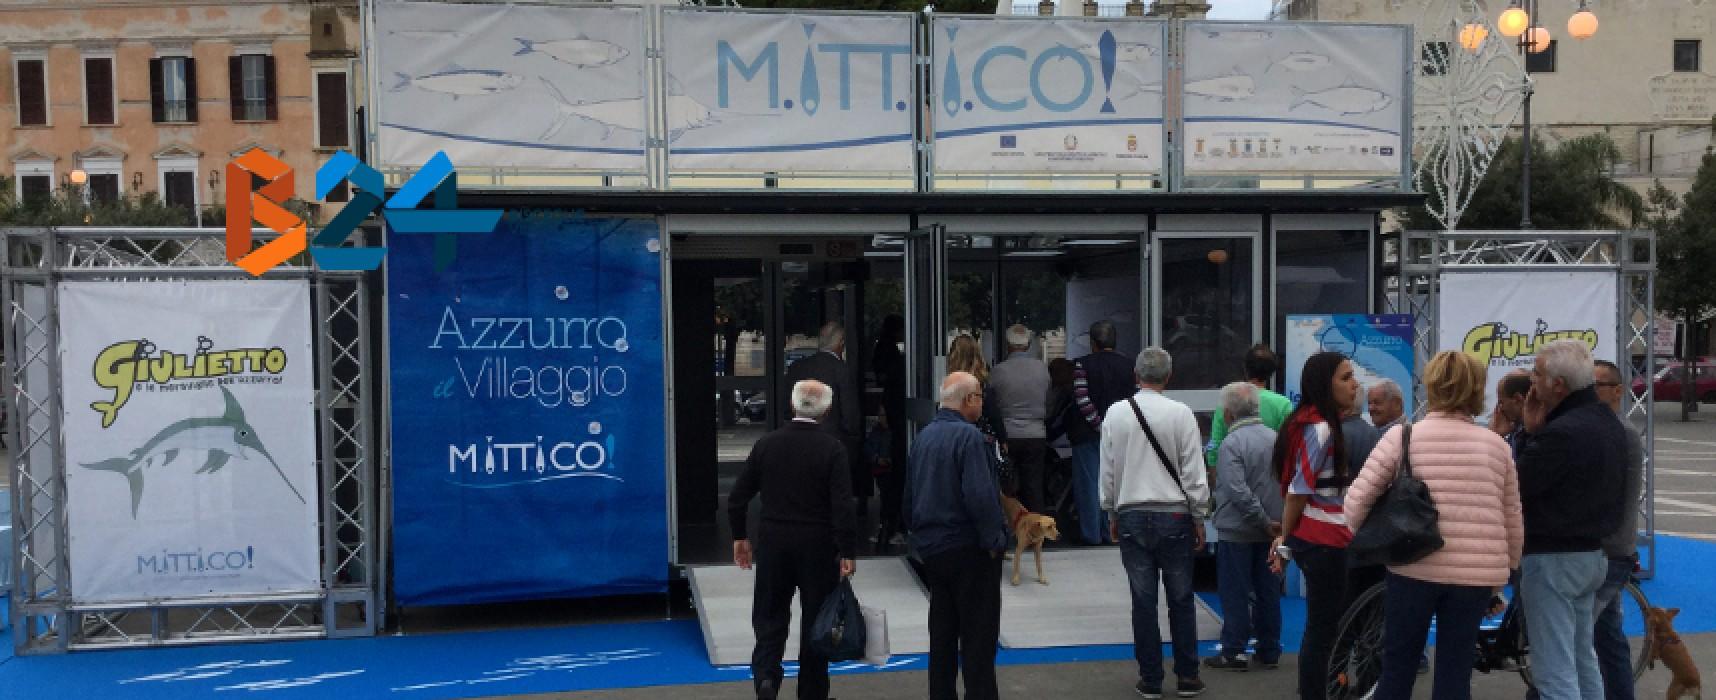 """Successo per l'ultima tappa di """"M.ITT.I.CO"""", iniziativa per rilanciare il consumo di pesce azzurro / FOTO"""